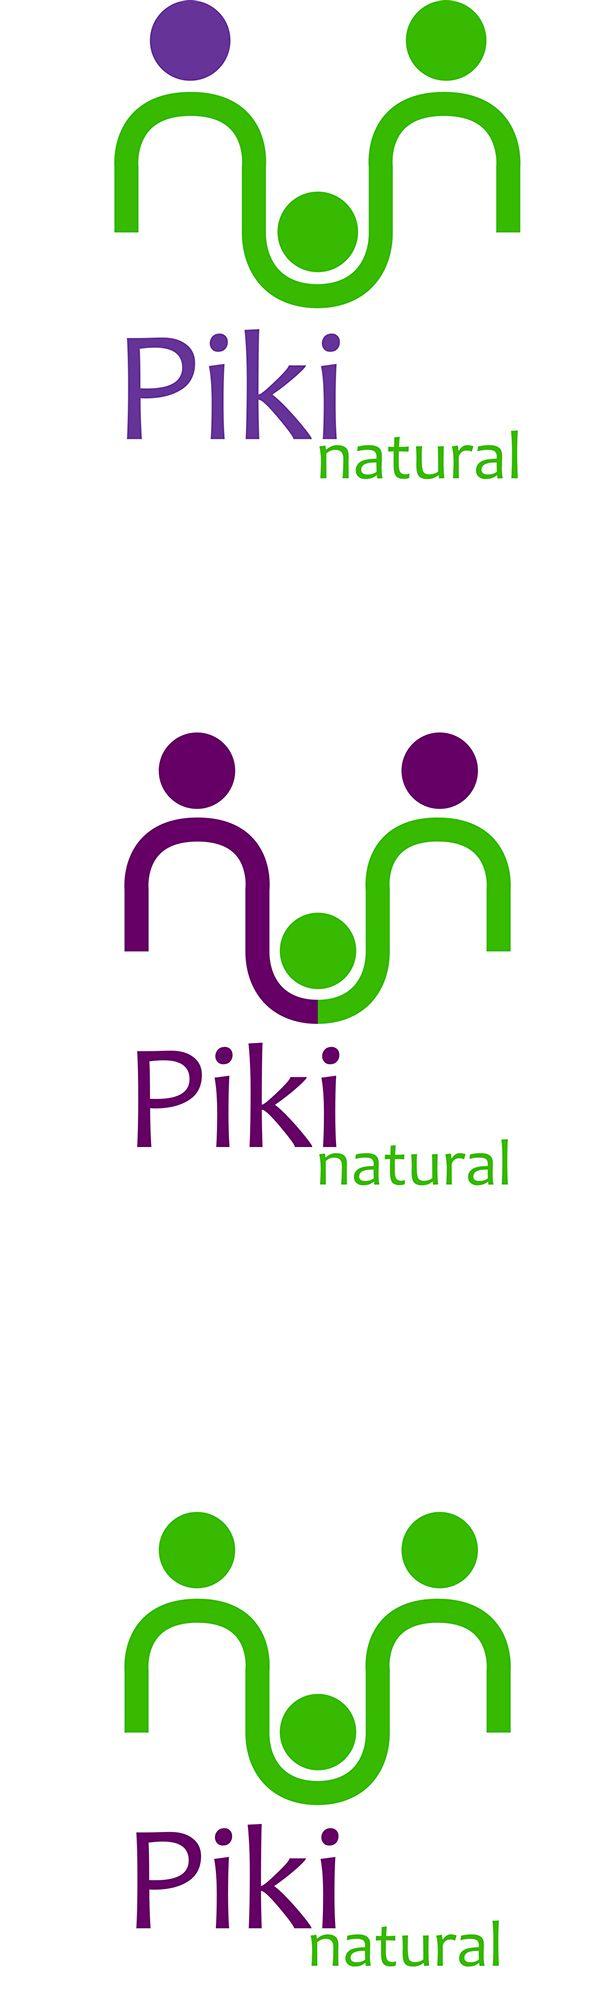 Piki Natural on Behance